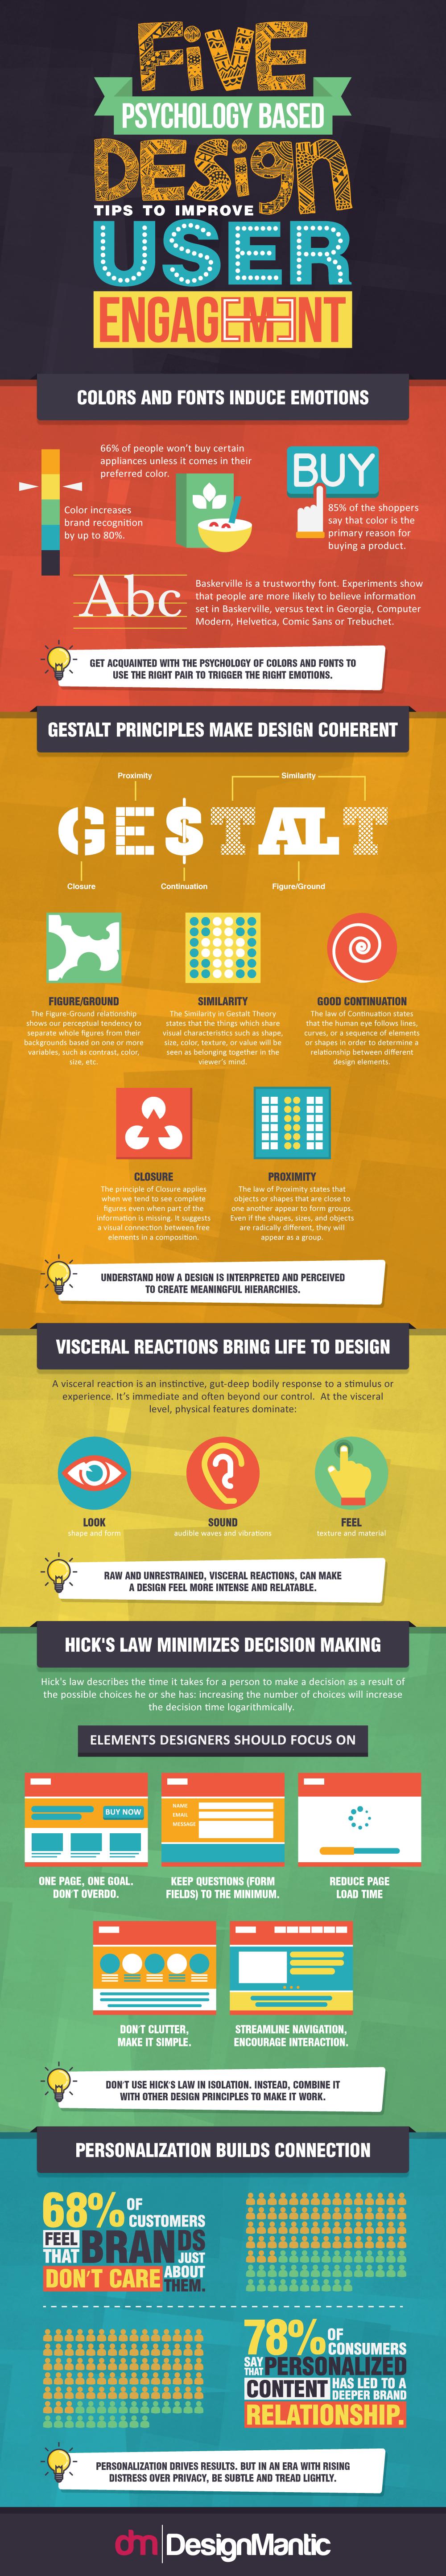 Psychology based Design Tips